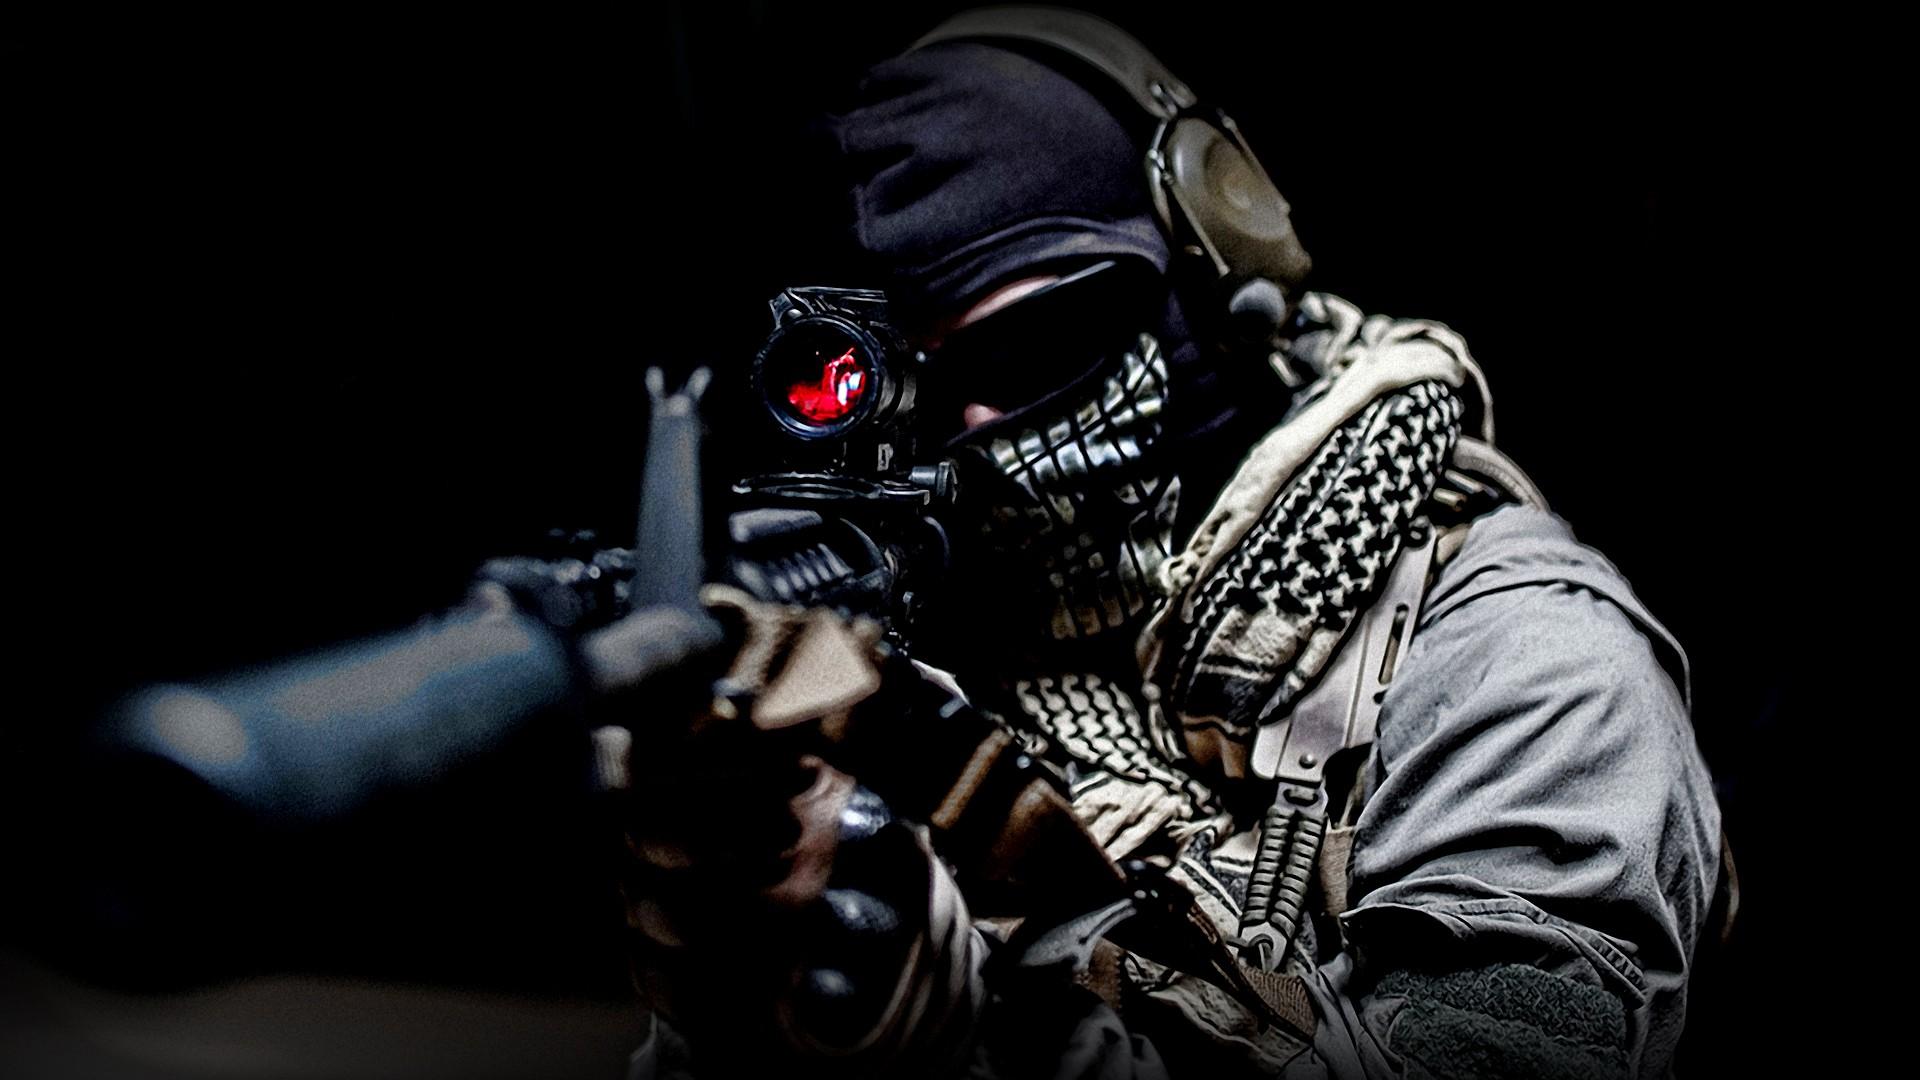 Modern Warfare Wallpaper Hd Call Of Duty Modern Warfare 2 Bilgisayar Duvar Kağıtları